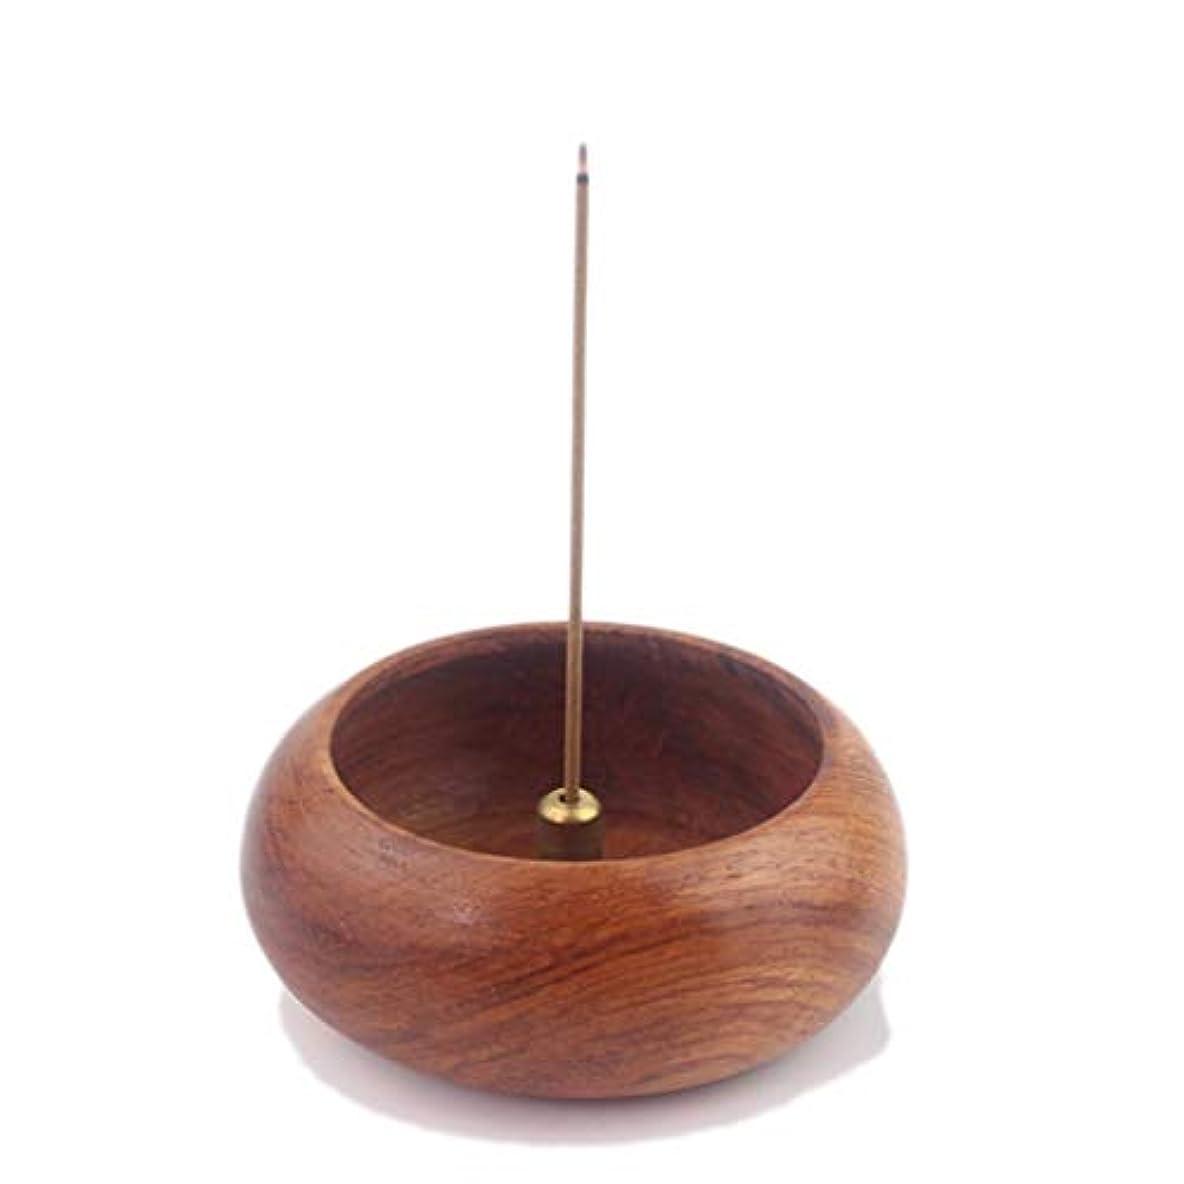 進化割り当て入場ローズウッドボウル型香炉ホルダーキャンドルアロマセラピー炉香ホルダーホームリビングルーム香バーナー装飾 (Color : Wood, サイズ : 6.2*2.4cm)